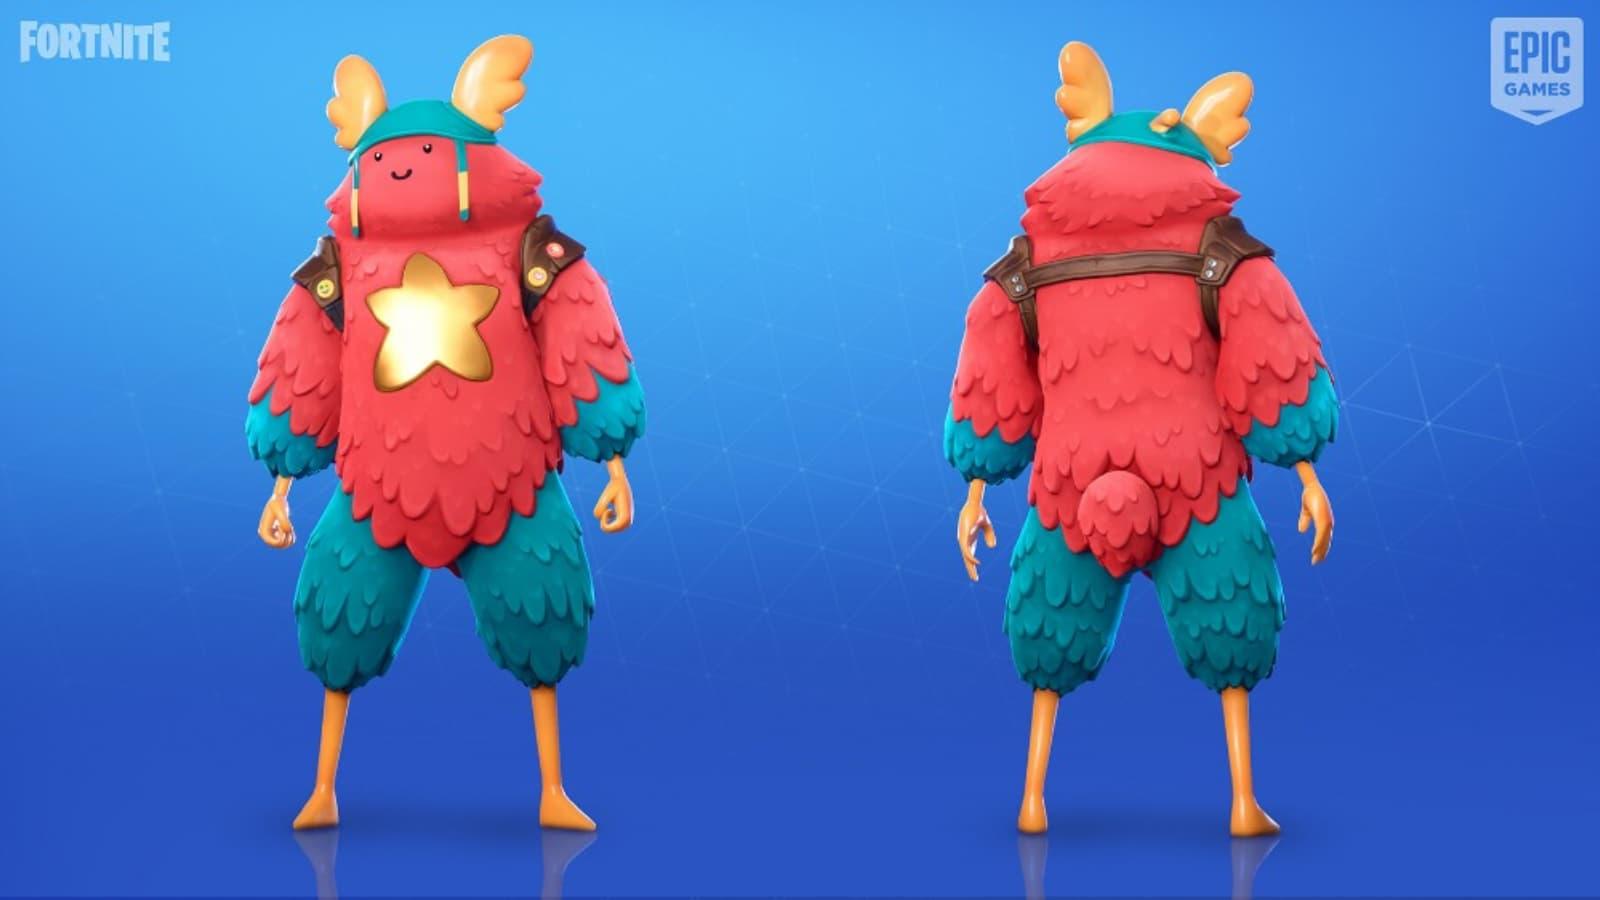 Fortnite Guffie Stuffie Bling traseiro: novo preço do bling traseiro e outros detalhes